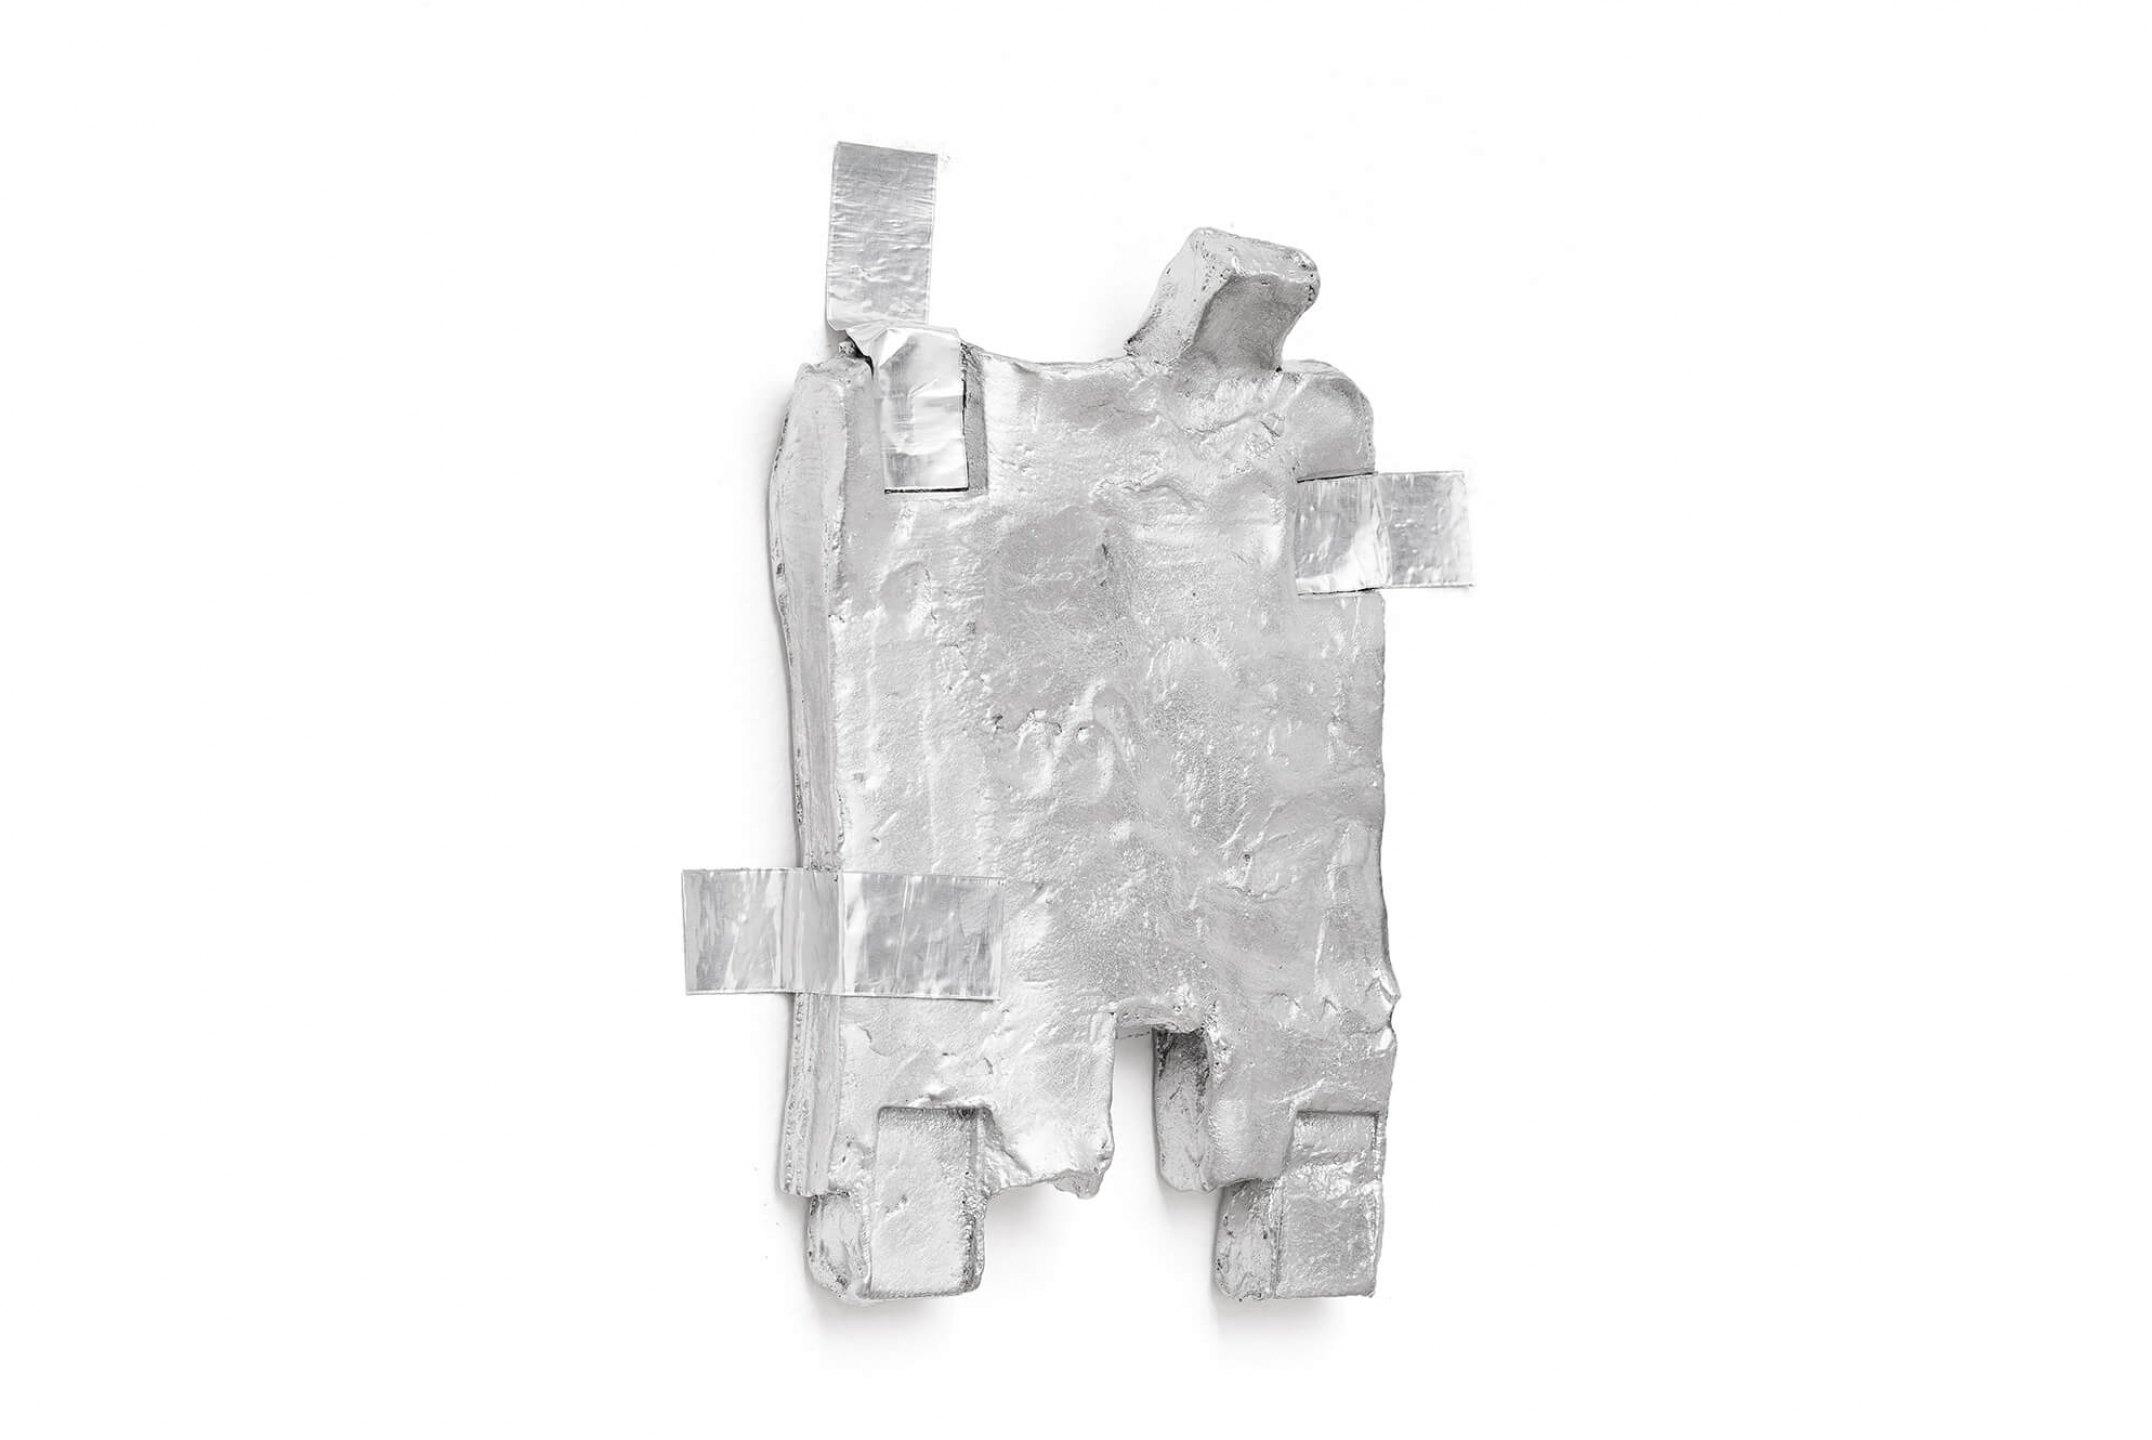 Paulo Monteiro,<em>&nbsp;untitled,</em> 2015, aluminium, 25 × 22 cm - Mendes Wood DM